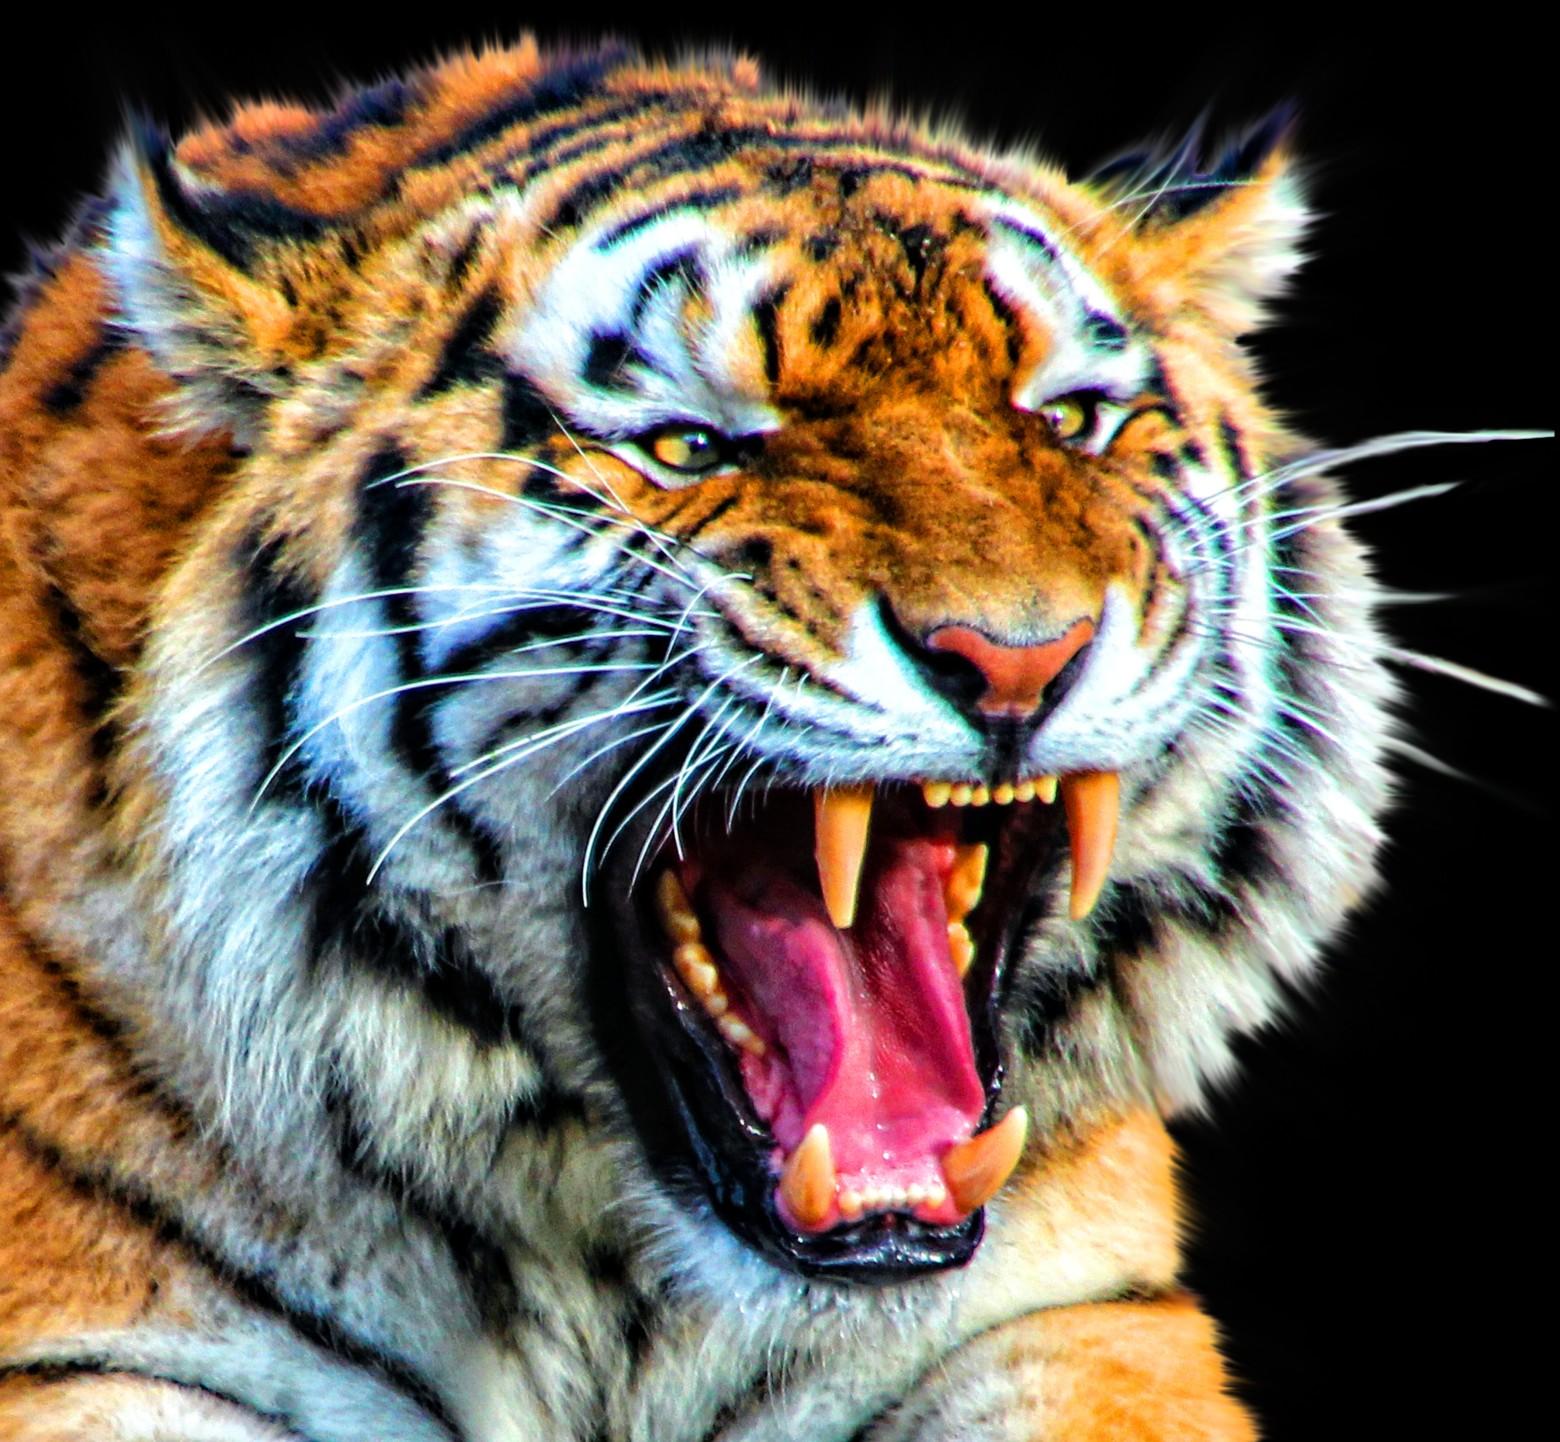 Tigre image gratuite images gratuites et libres de droits - Images tigres gratuites ...